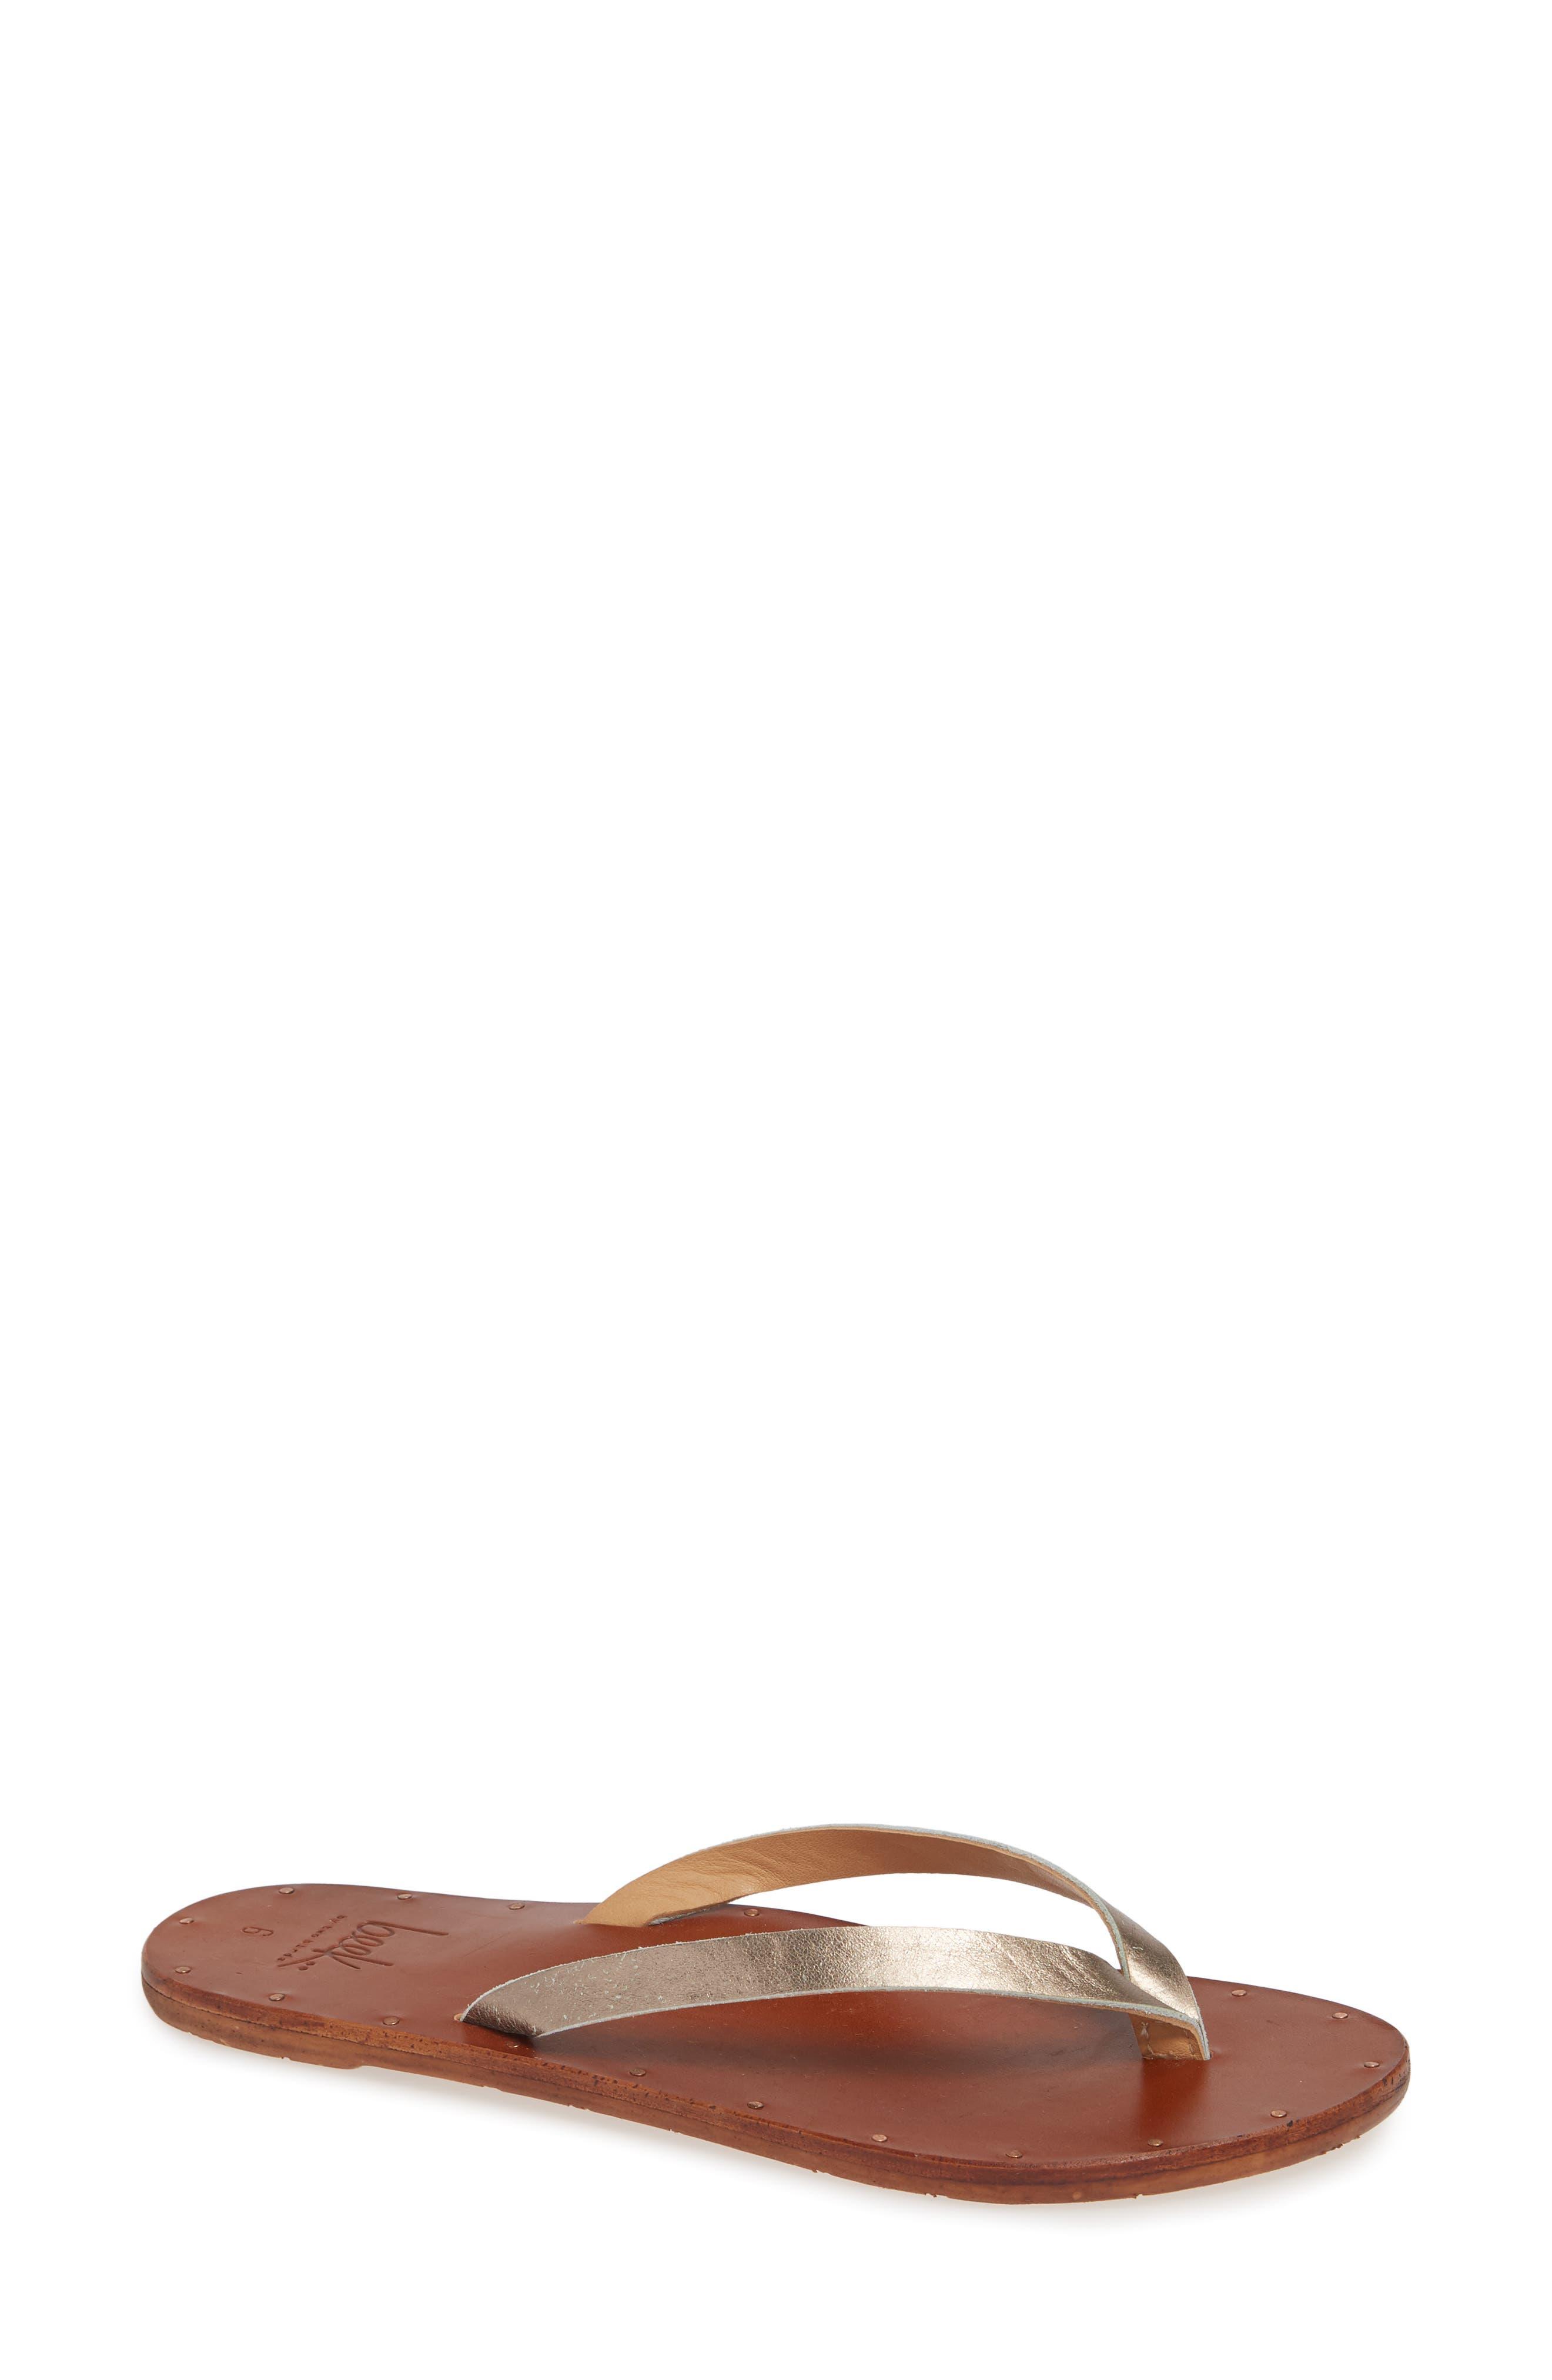 BEEK Seabird Flip Flop in Bronze/ Tan